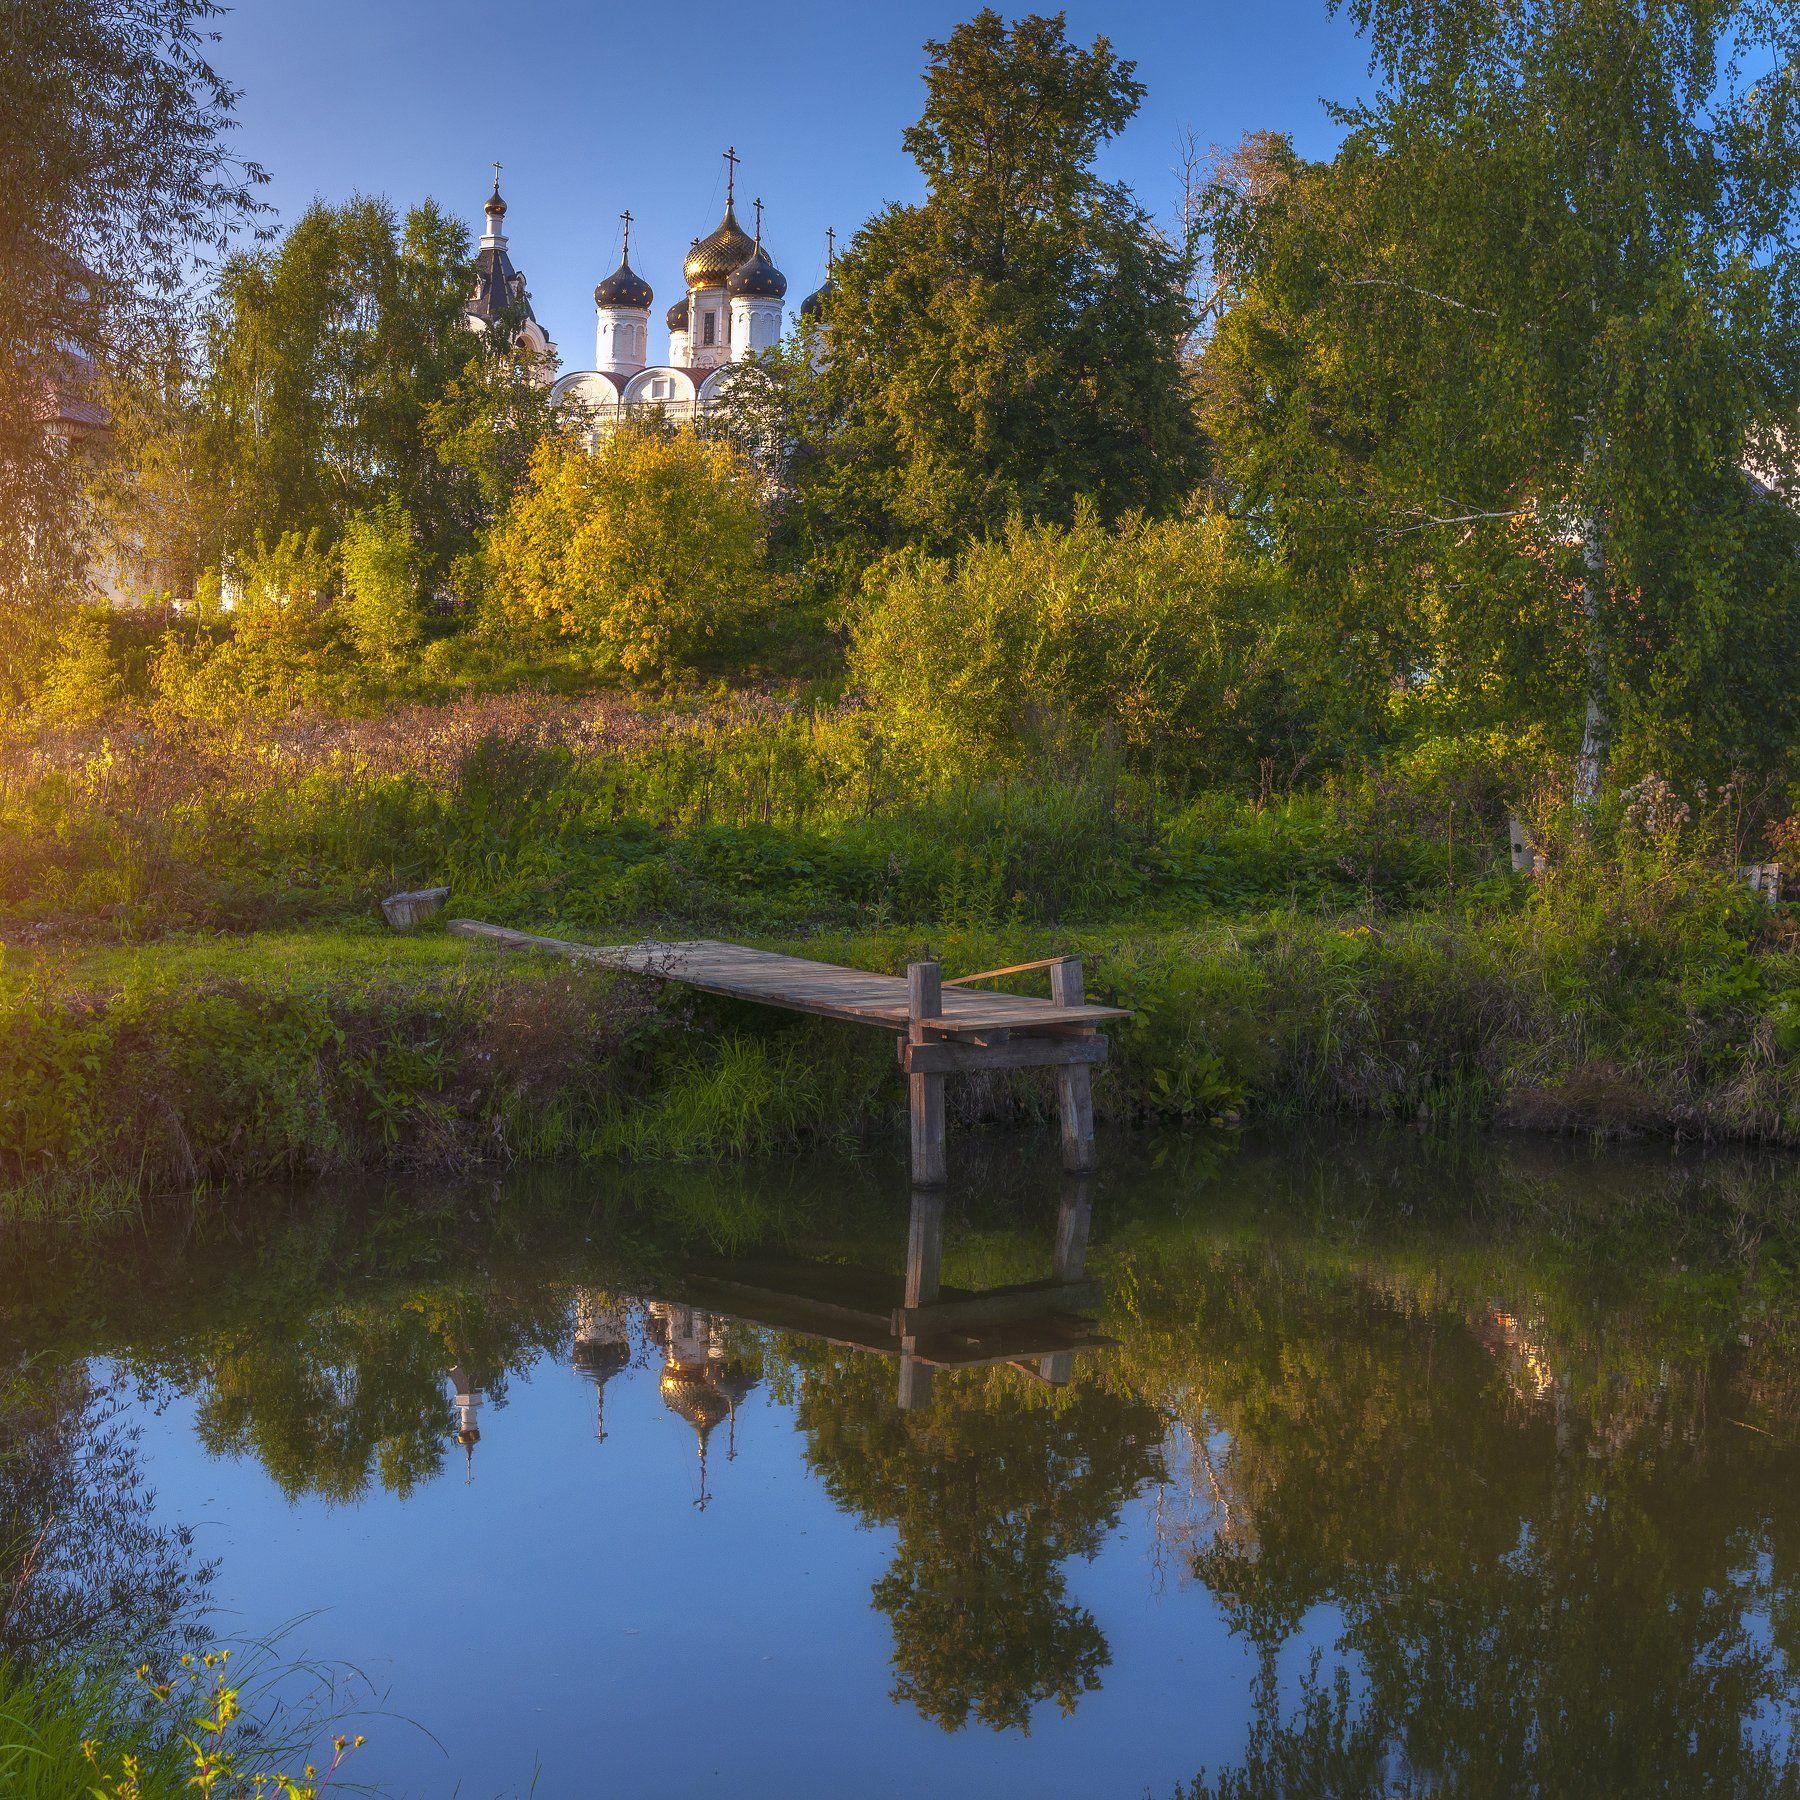 осень,пруд,храм,закат,пейзаж,природа,подмосковье, Павел Ныриков